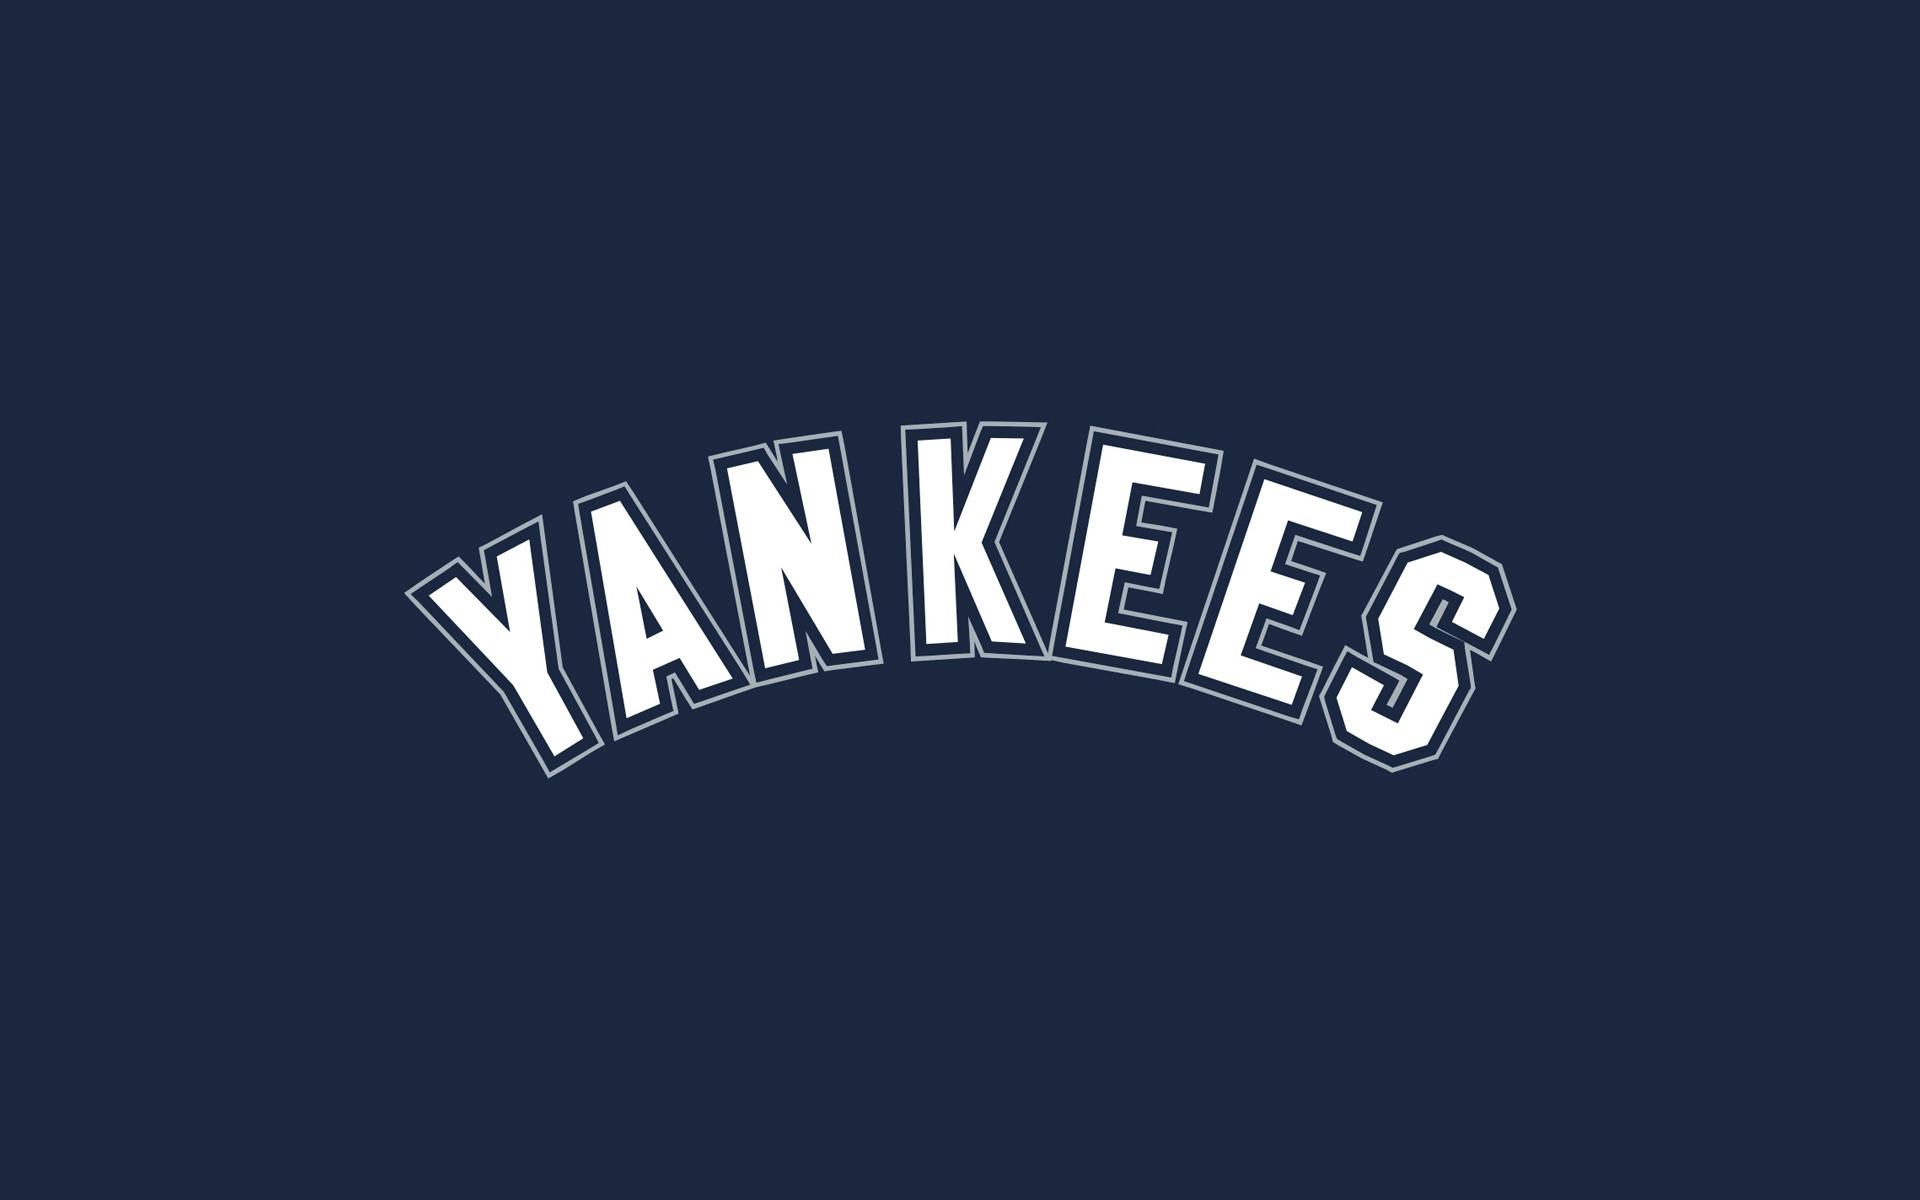 Yankees Stadium Wallpaper | HD Wallpapers | Pinterest | Hd wallpaper and  Wallpaper